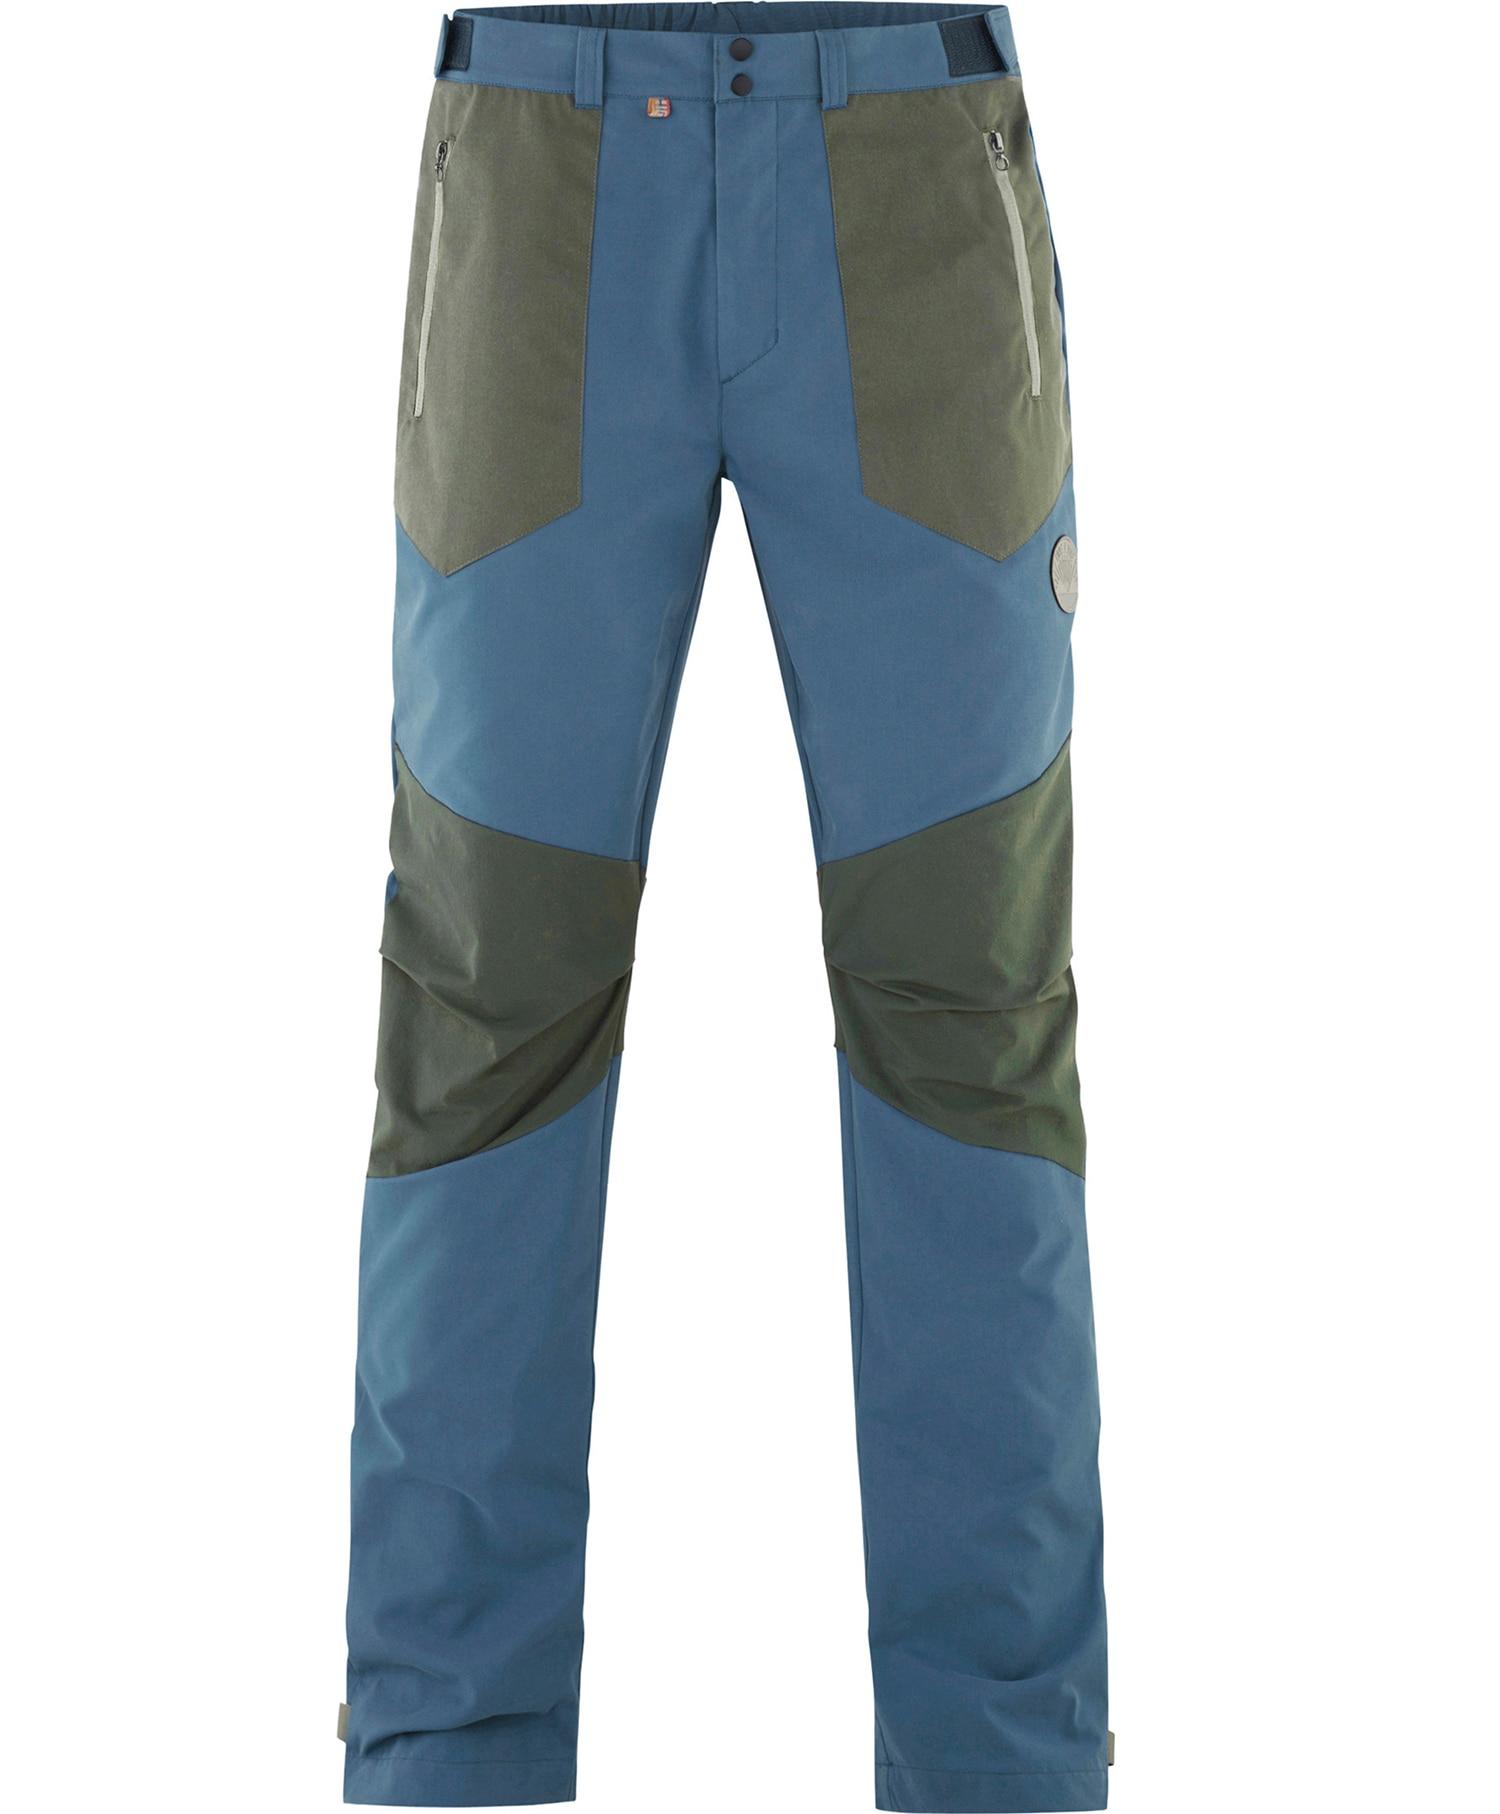 Bula Swell Trekking bukse